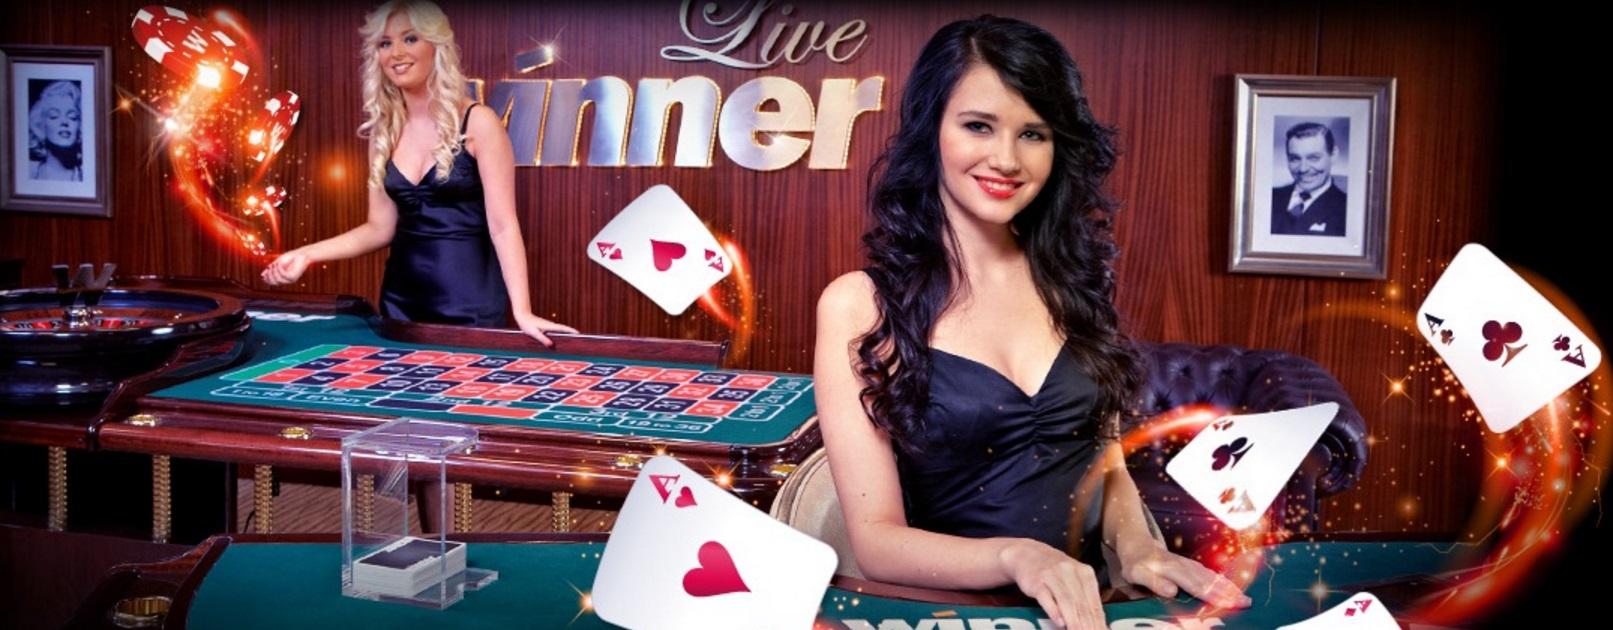 Casino Online Ohne Einzahlung 2017